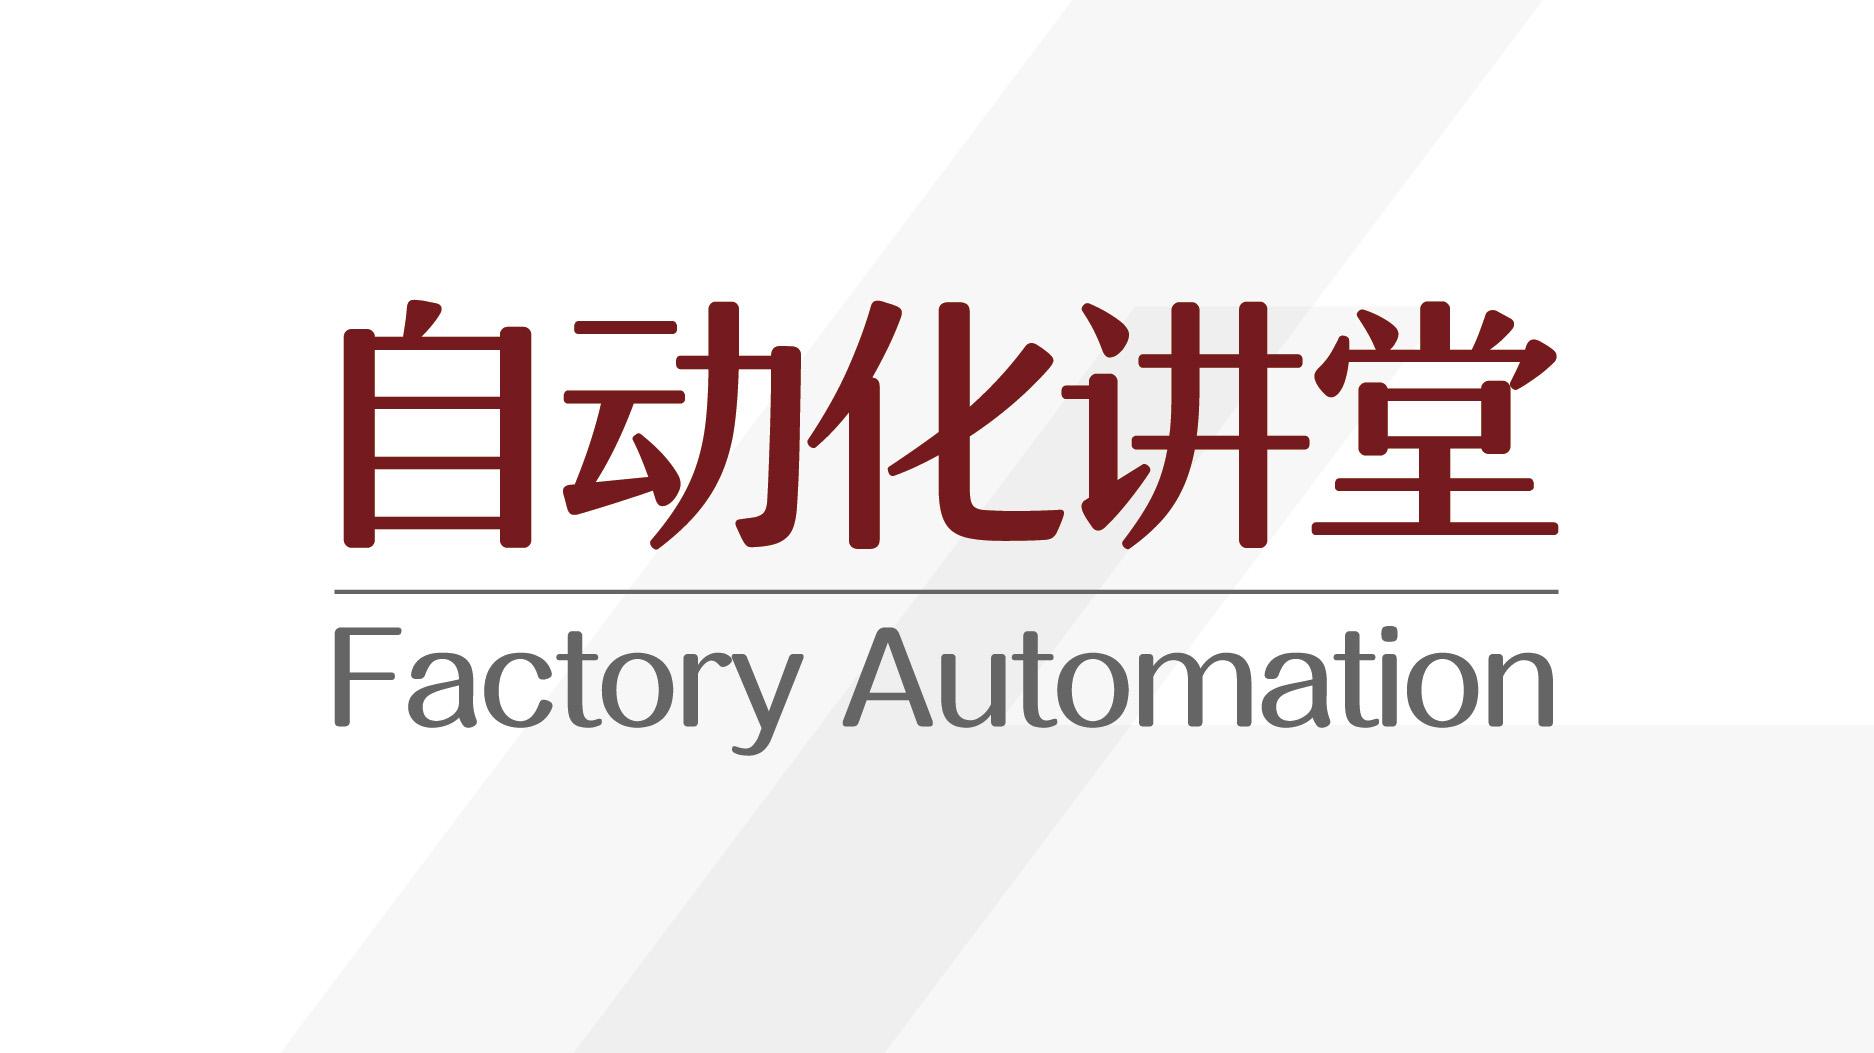 伺服系统 MR Configurator2 软件参数设定功能介绍